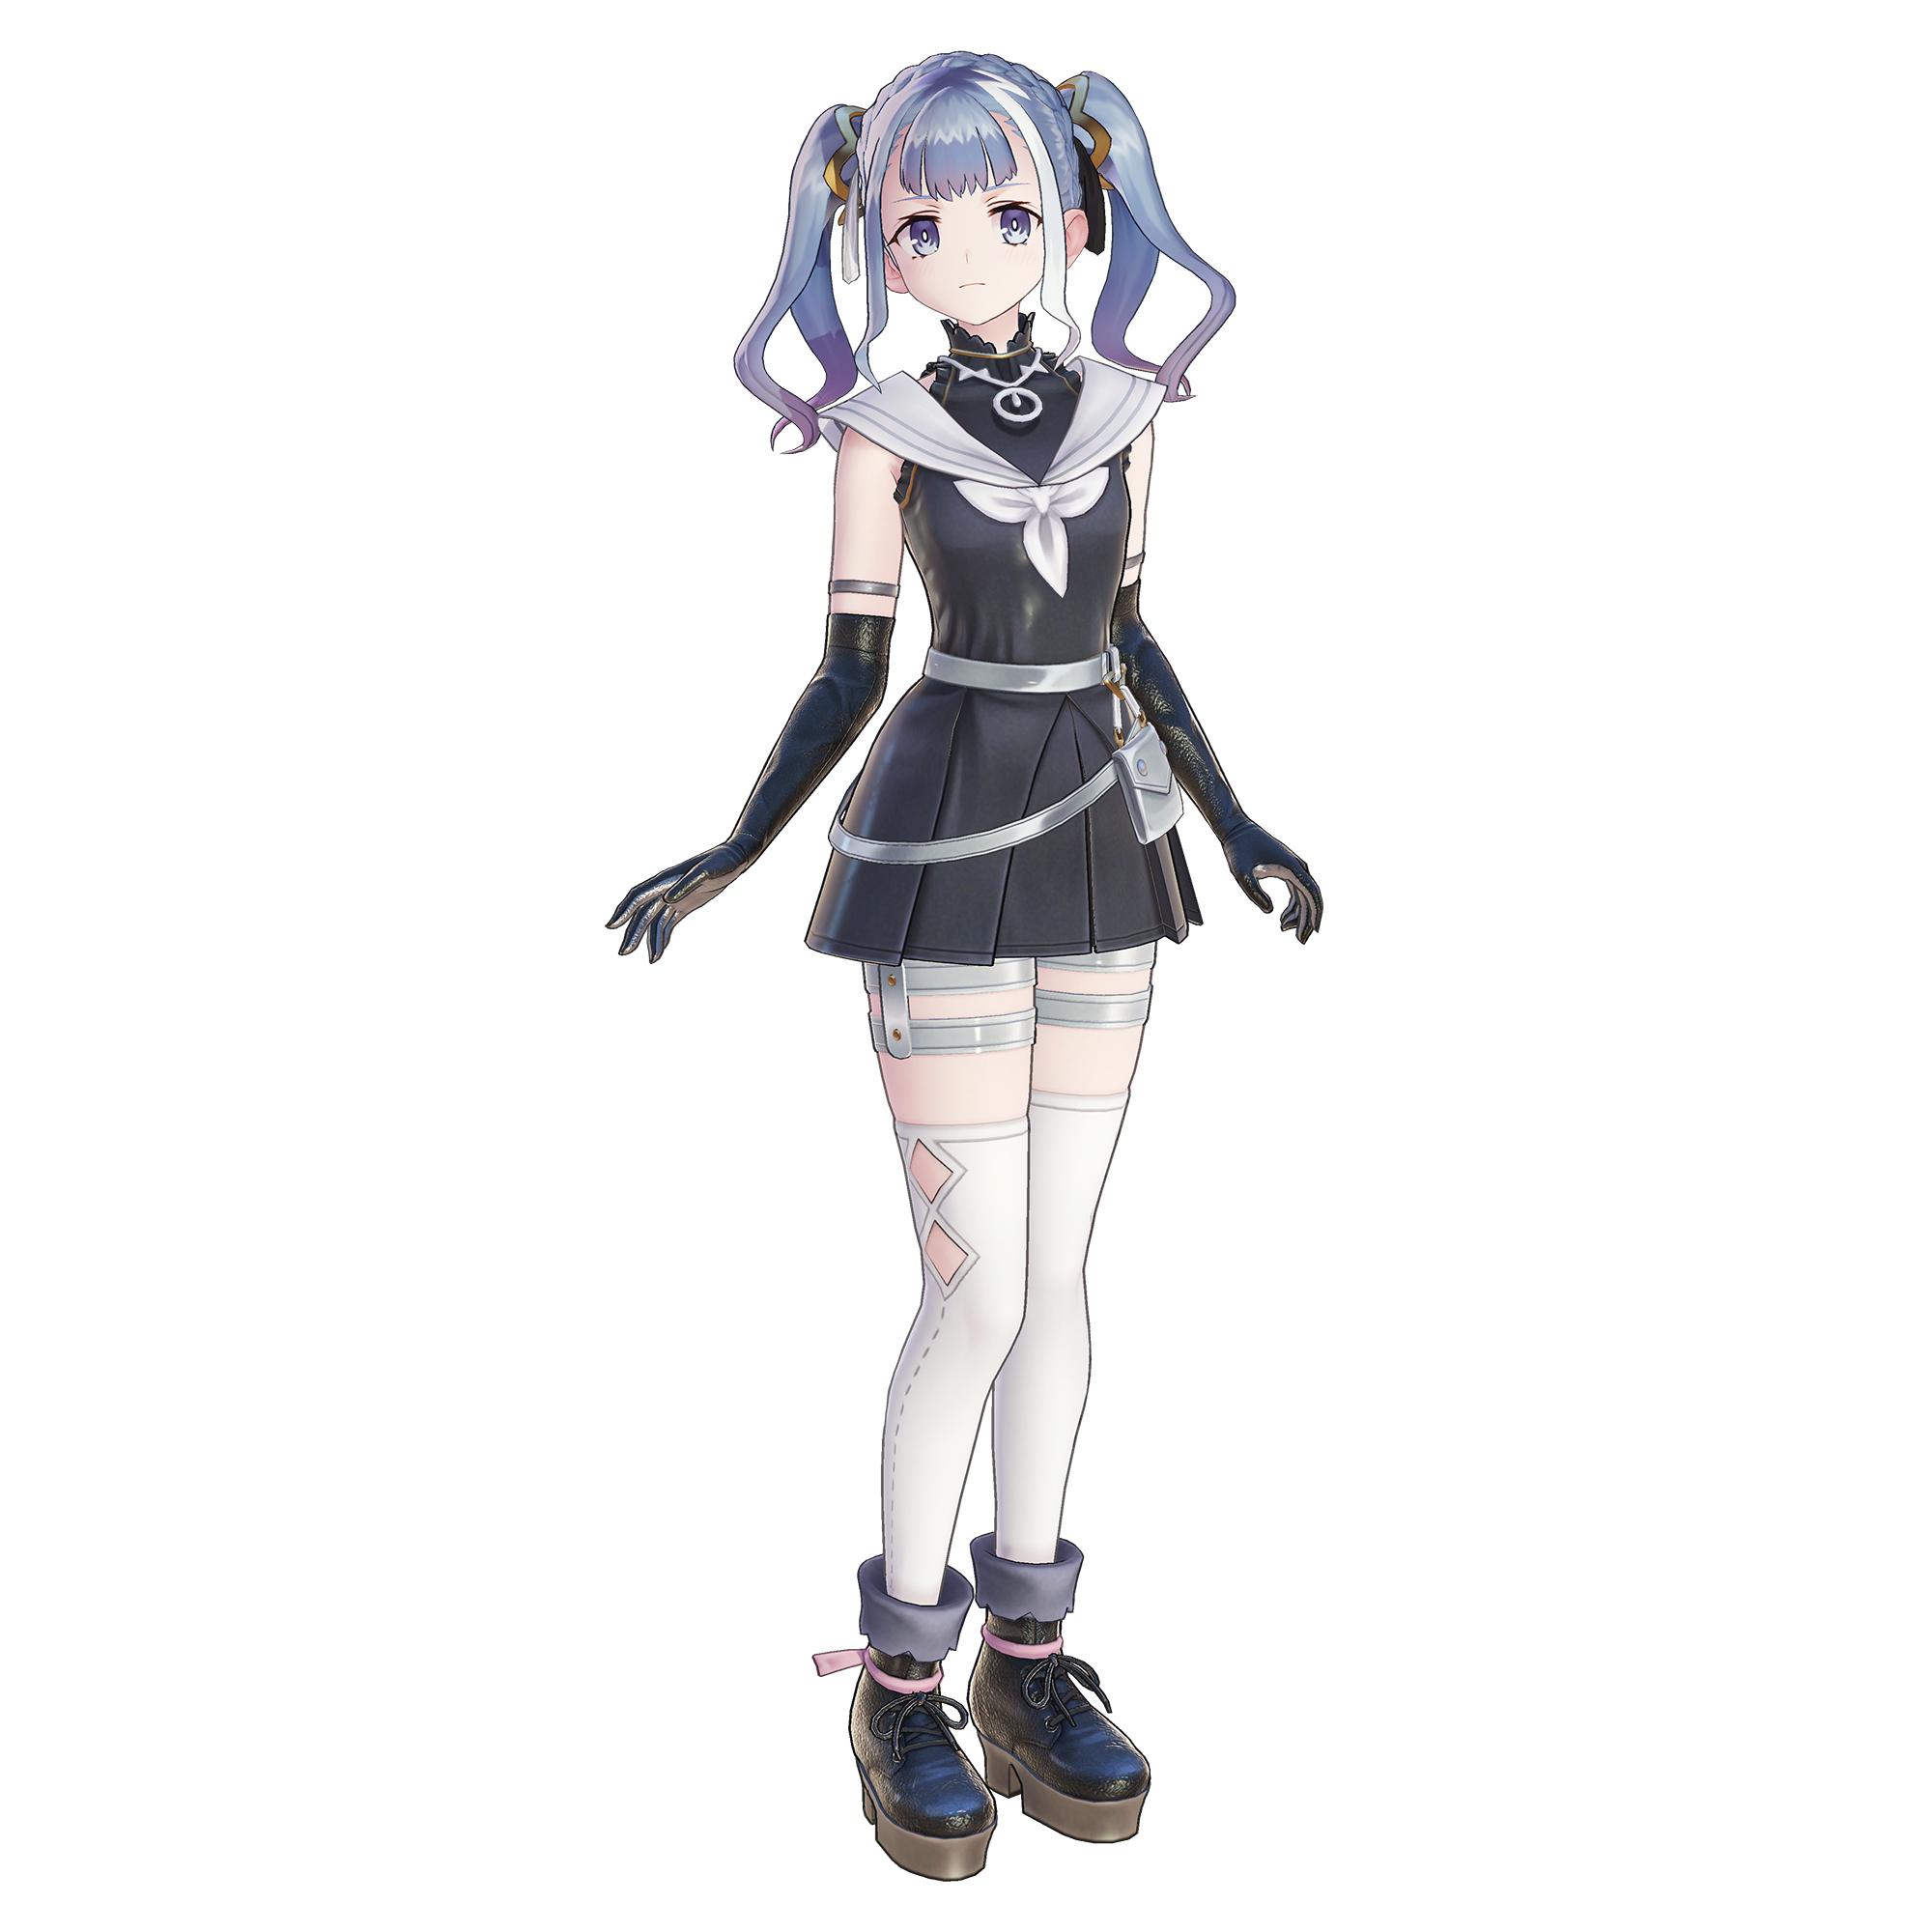 Персонаж - Atelier Ryza 2: Lost Legends & the Secret Fairy